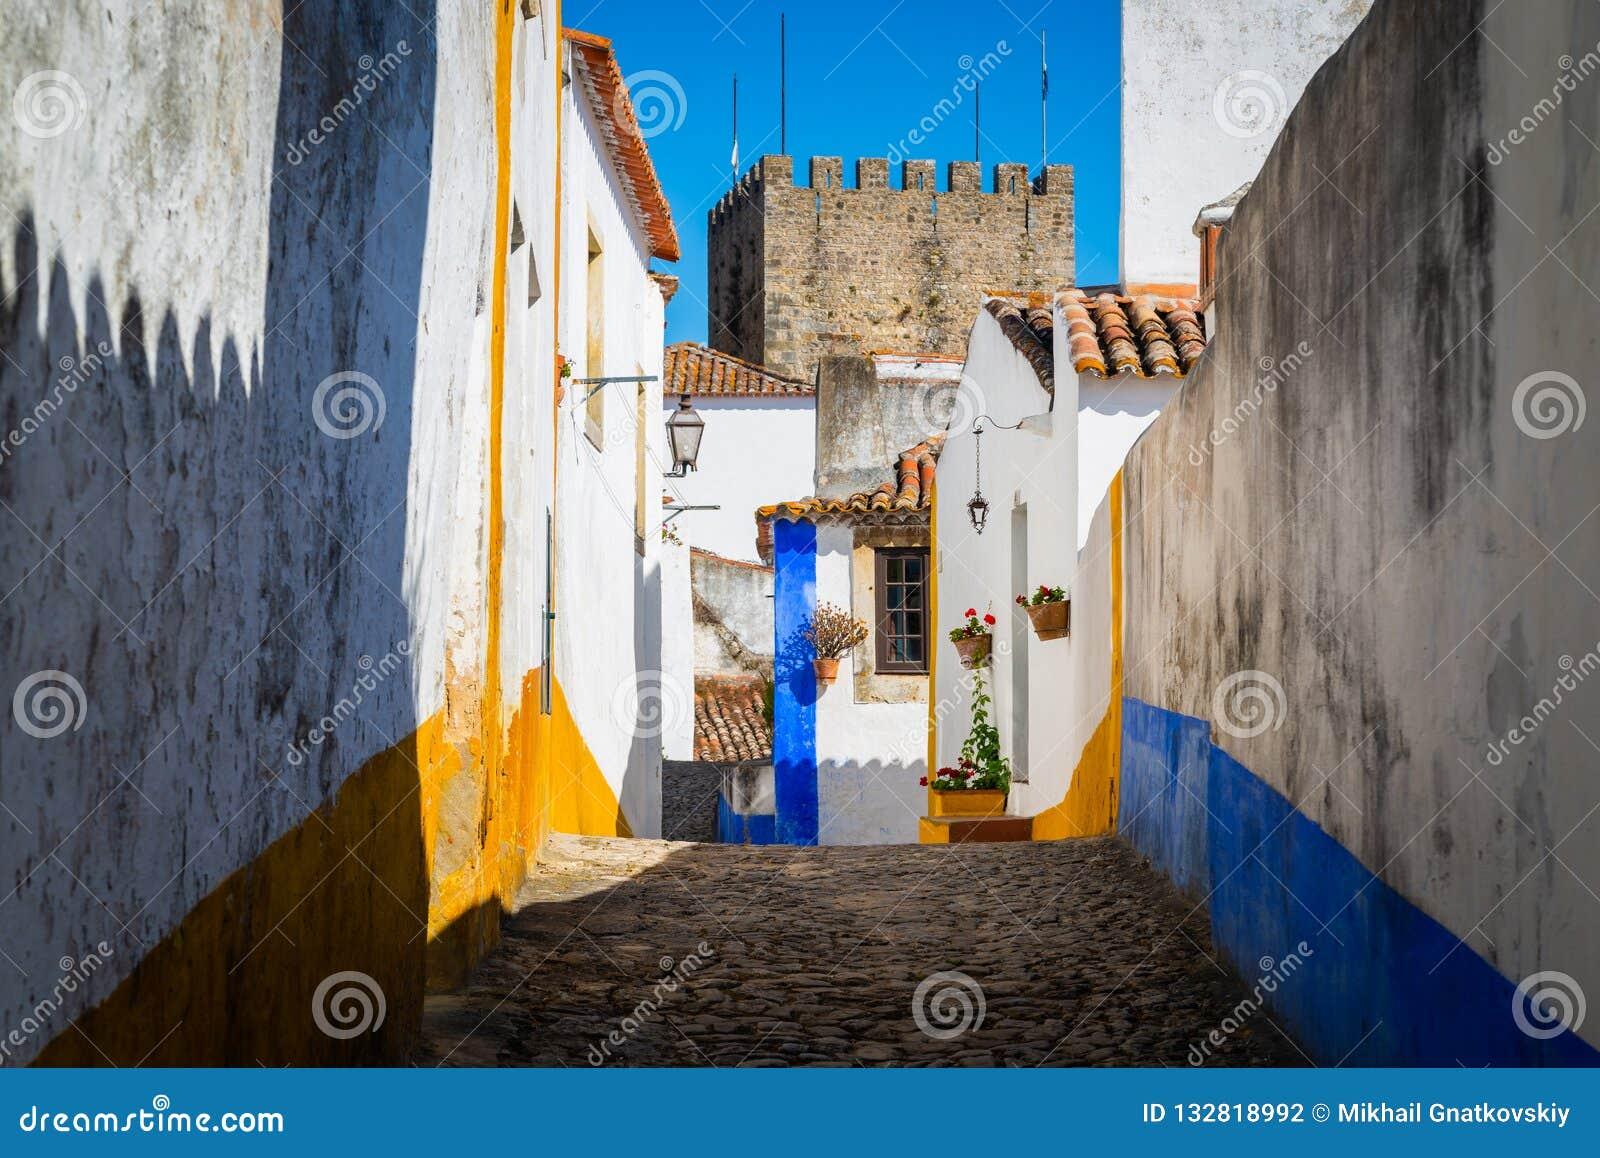 Wygodne w?skie ulicy stary grodzki Obidos, Portugalia